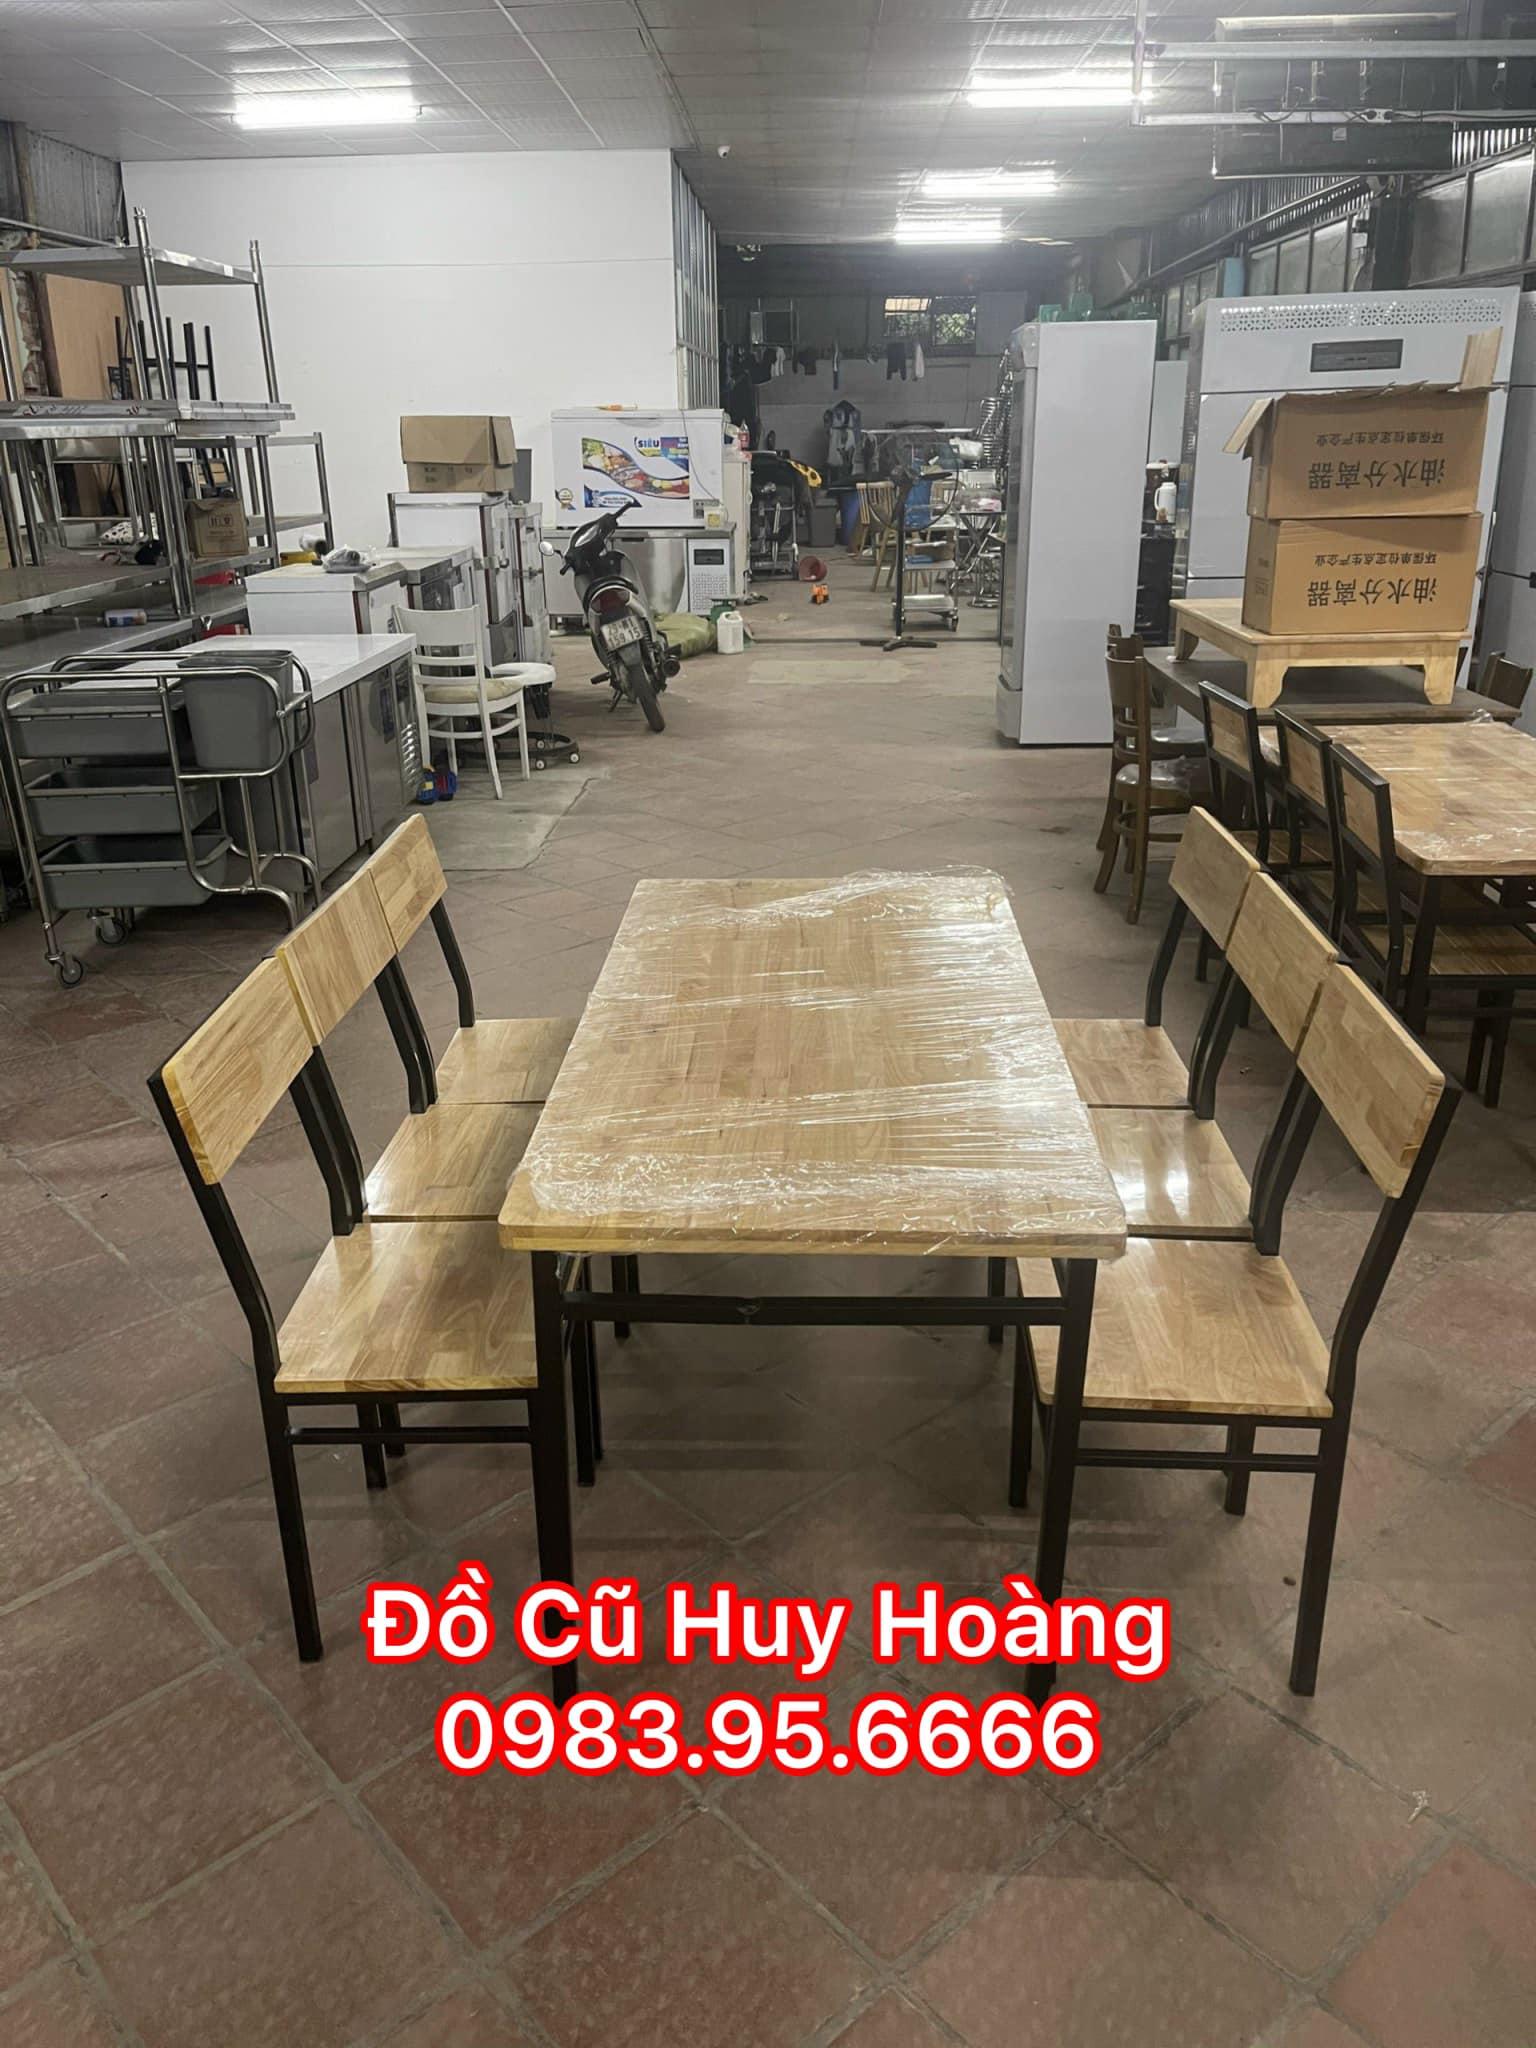 Mẫu bàn ghế chân sắt mặt gỗ bán chạy nhất tại Đồ Cũ Huy Hoàng